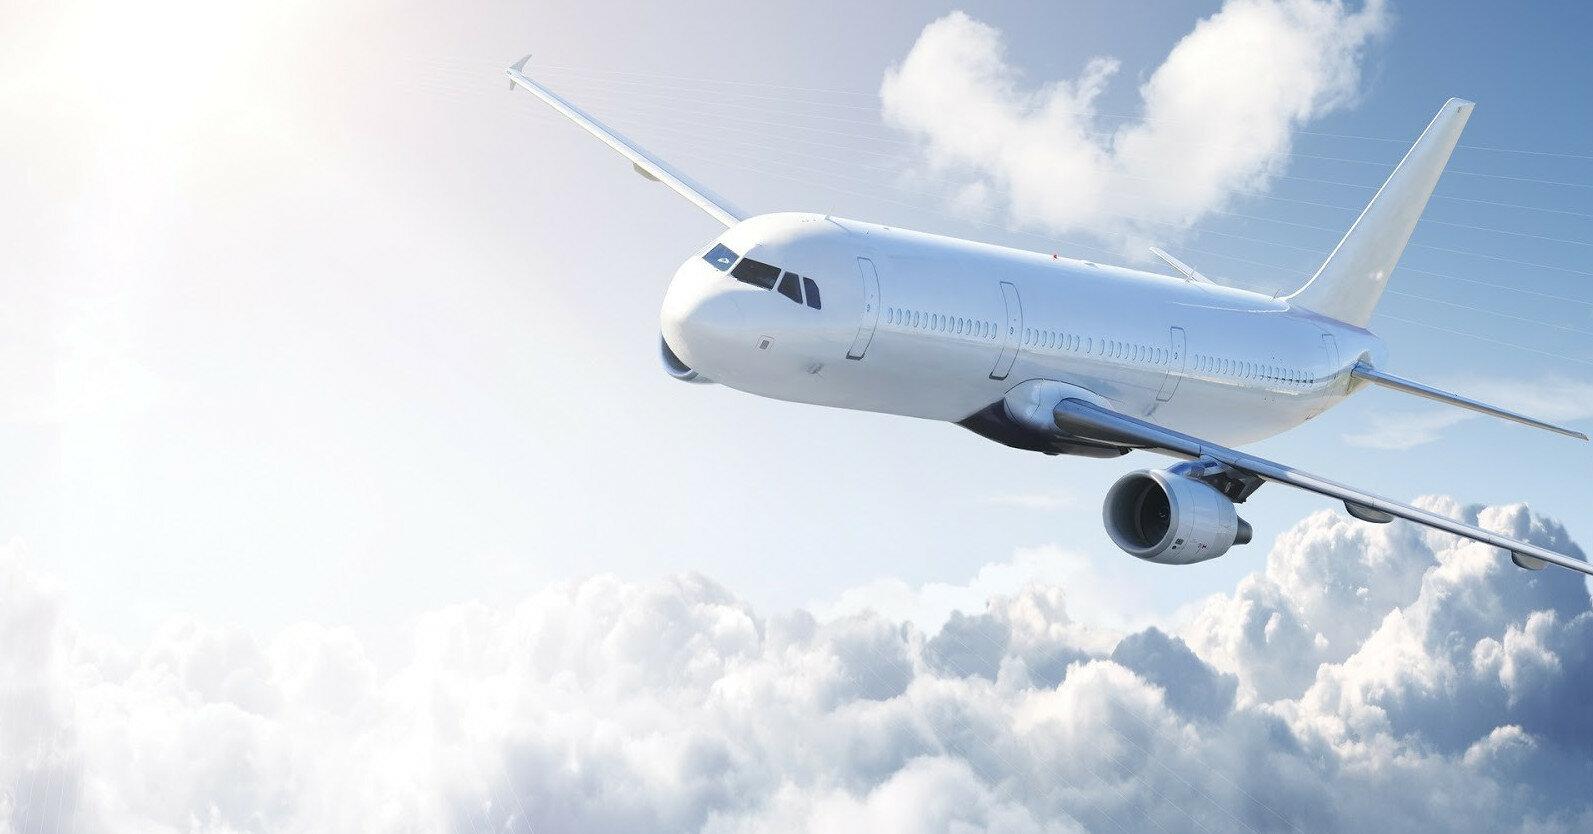 Авиакомпания airBaltic увеличит количество рейсов из Киева в Ригу